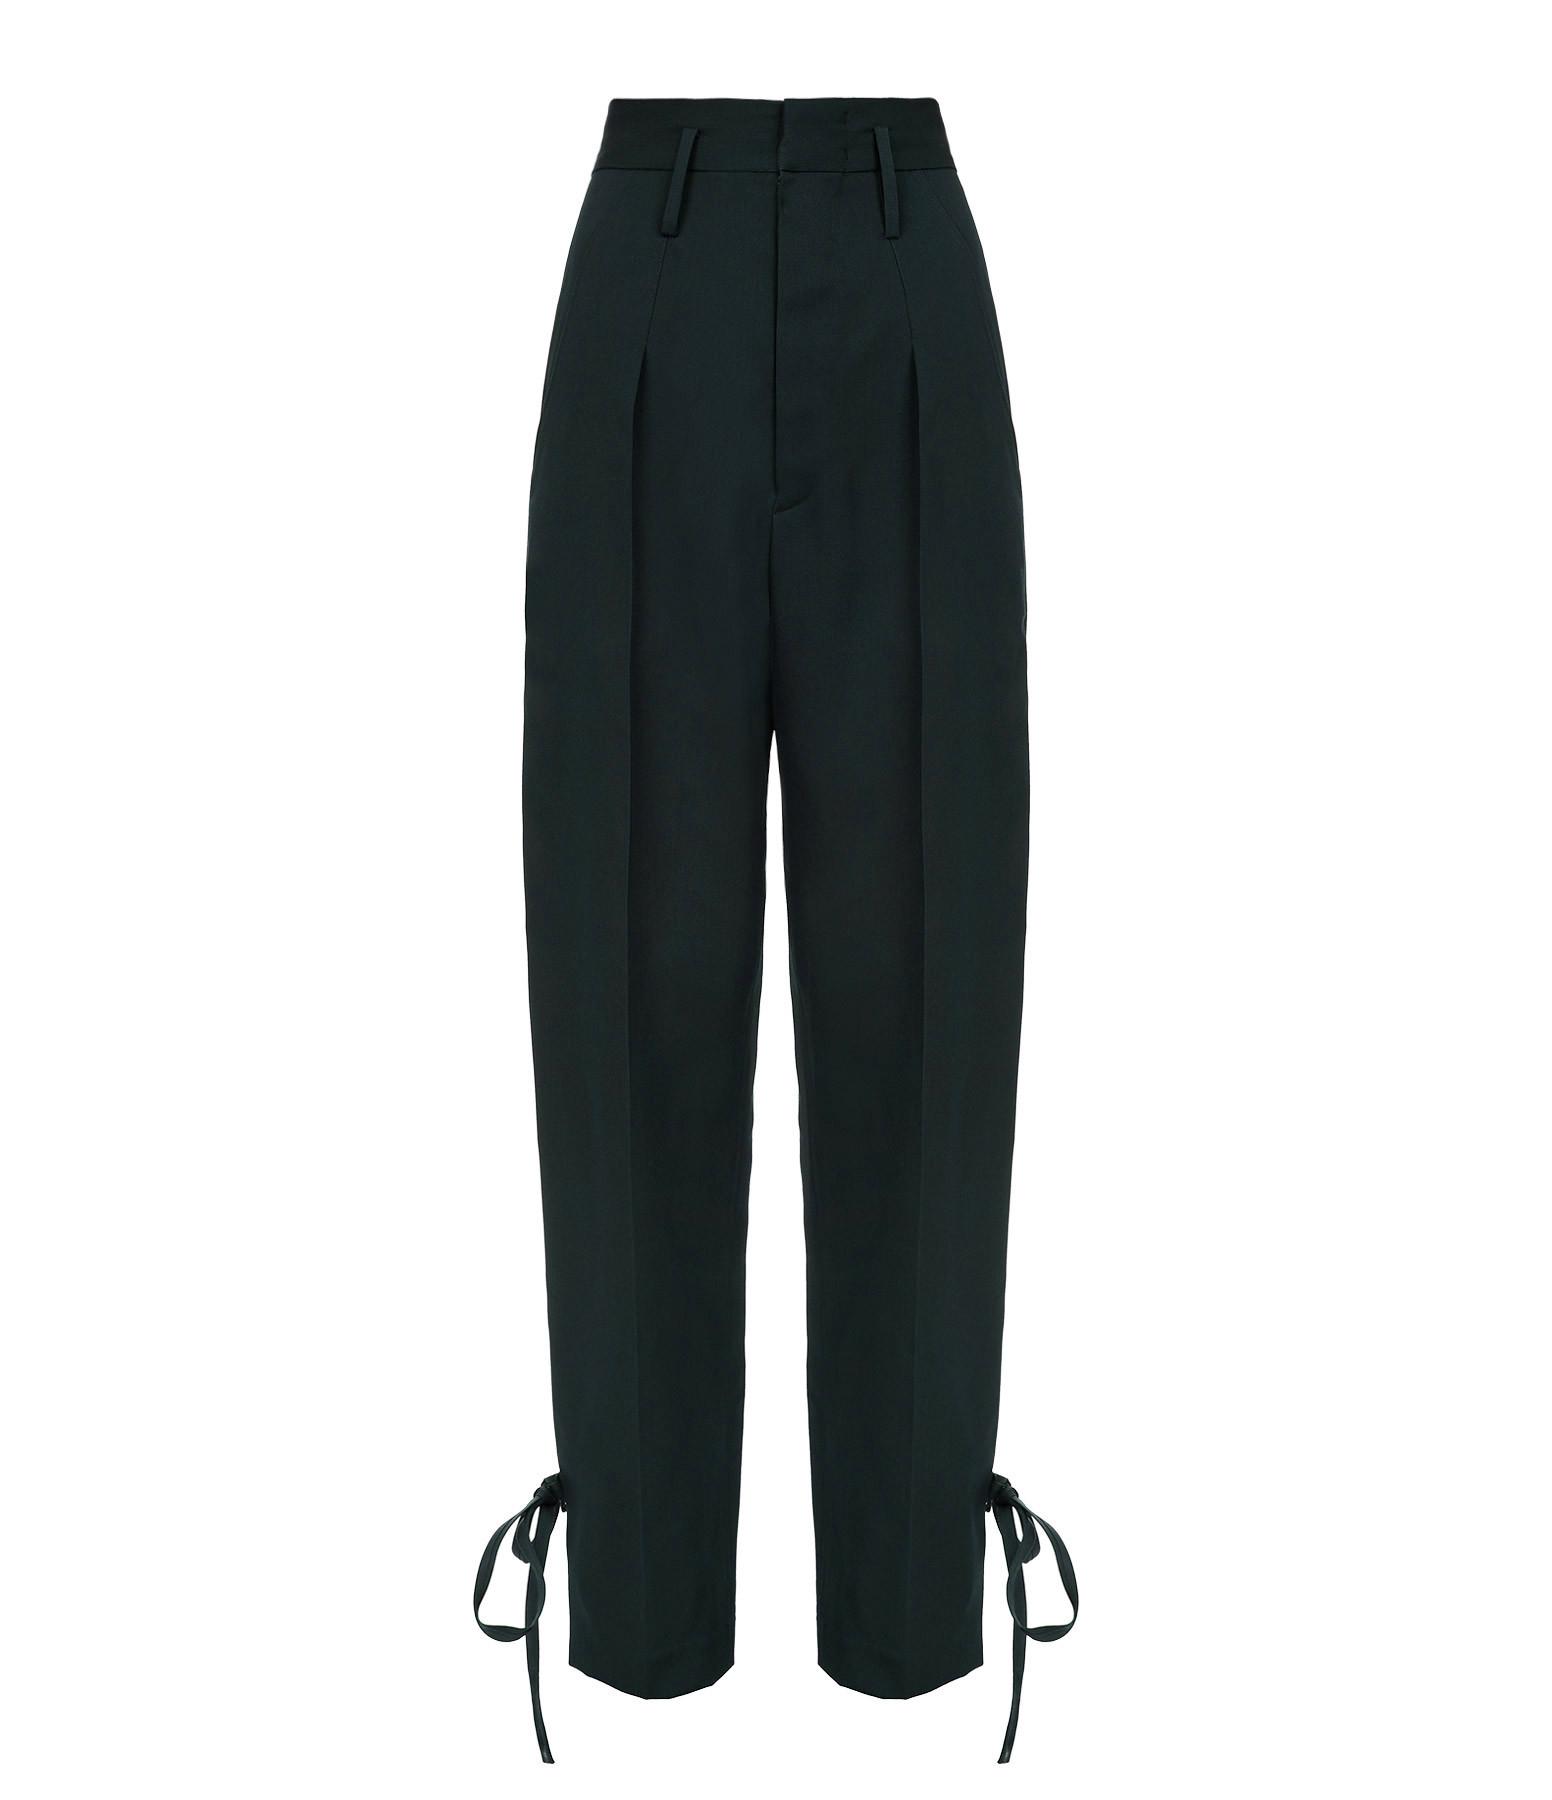 ISABEL MARANT - Pantalon Racomi Laine Vert Foncé